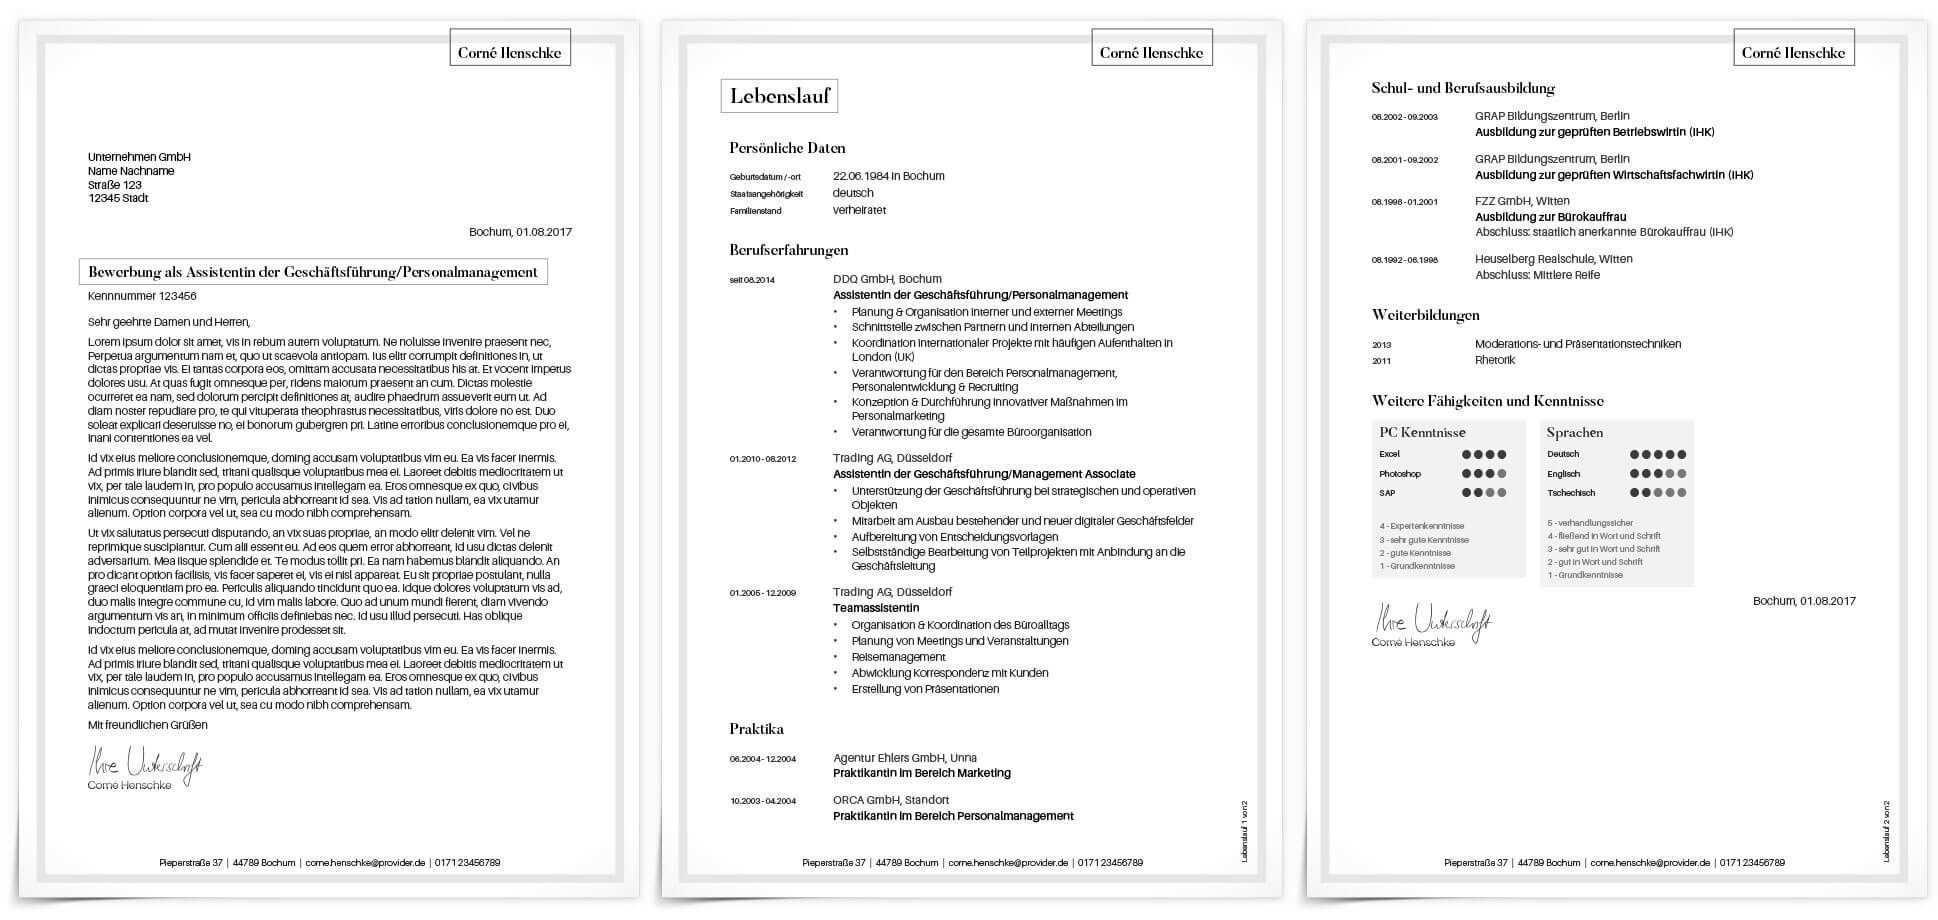 Unser Schlichtes Und Professionelles Bewerbungsdesign Stilvoll Anschreiben Und Ein Zweiseitiger Lebenslauf Bewerbungsdesign Bewerbung Design Anschreiben